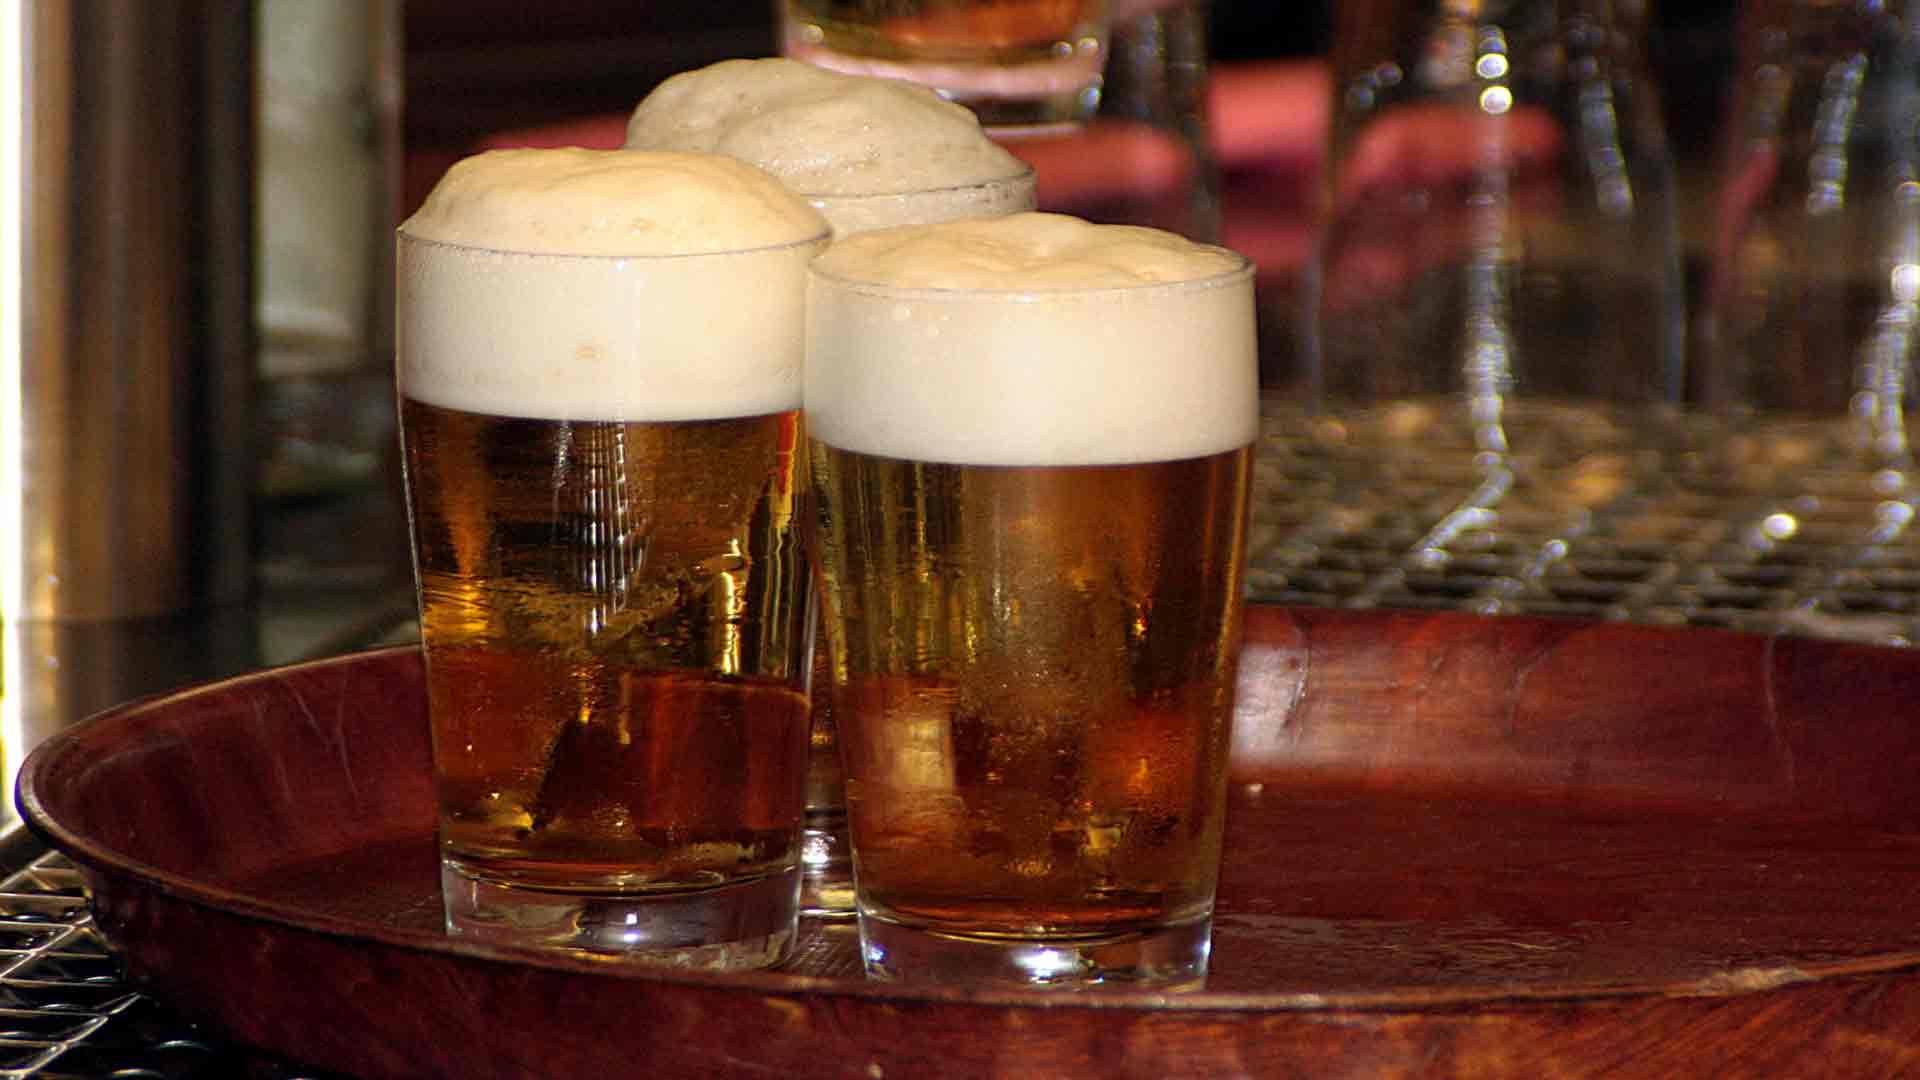 Aumenta-las-ventas-de-cerveza-con-estos-10-consejos-1920